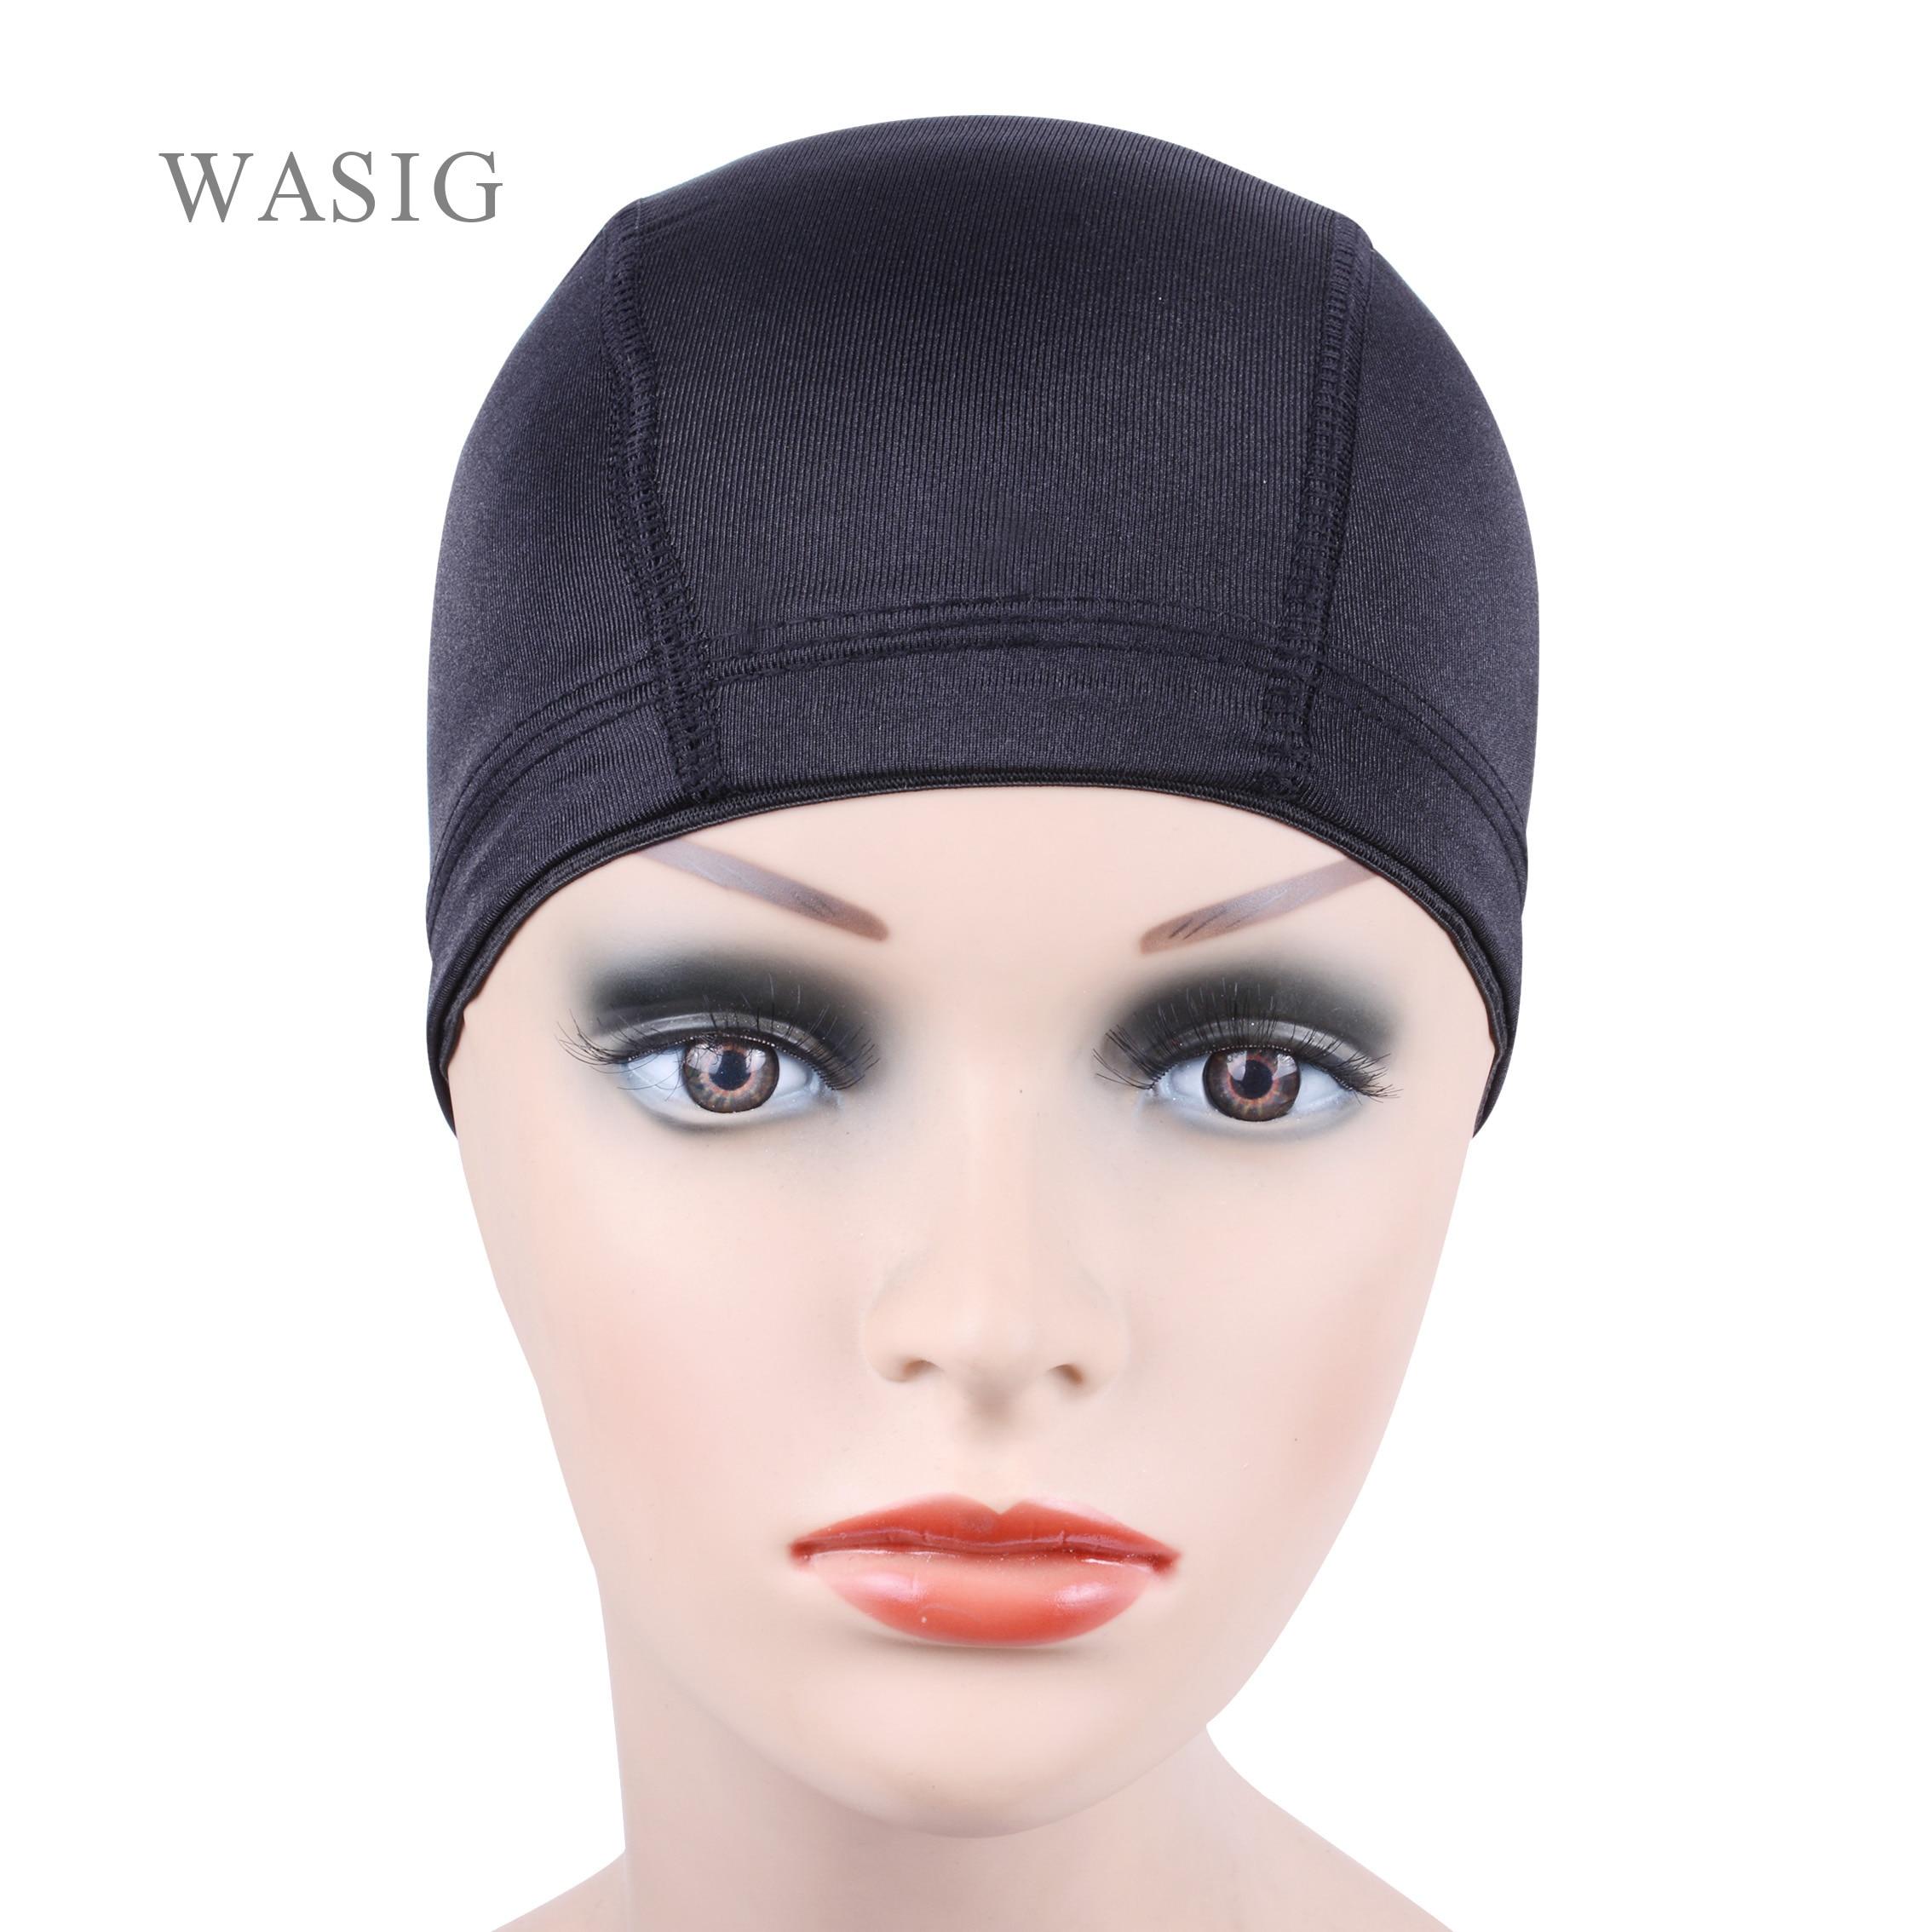 [해외]12pcs glueless hair net 가발 라이너 가발을 만들기위한 저렴한 가발 모자 spandex net elastic dome wig cap